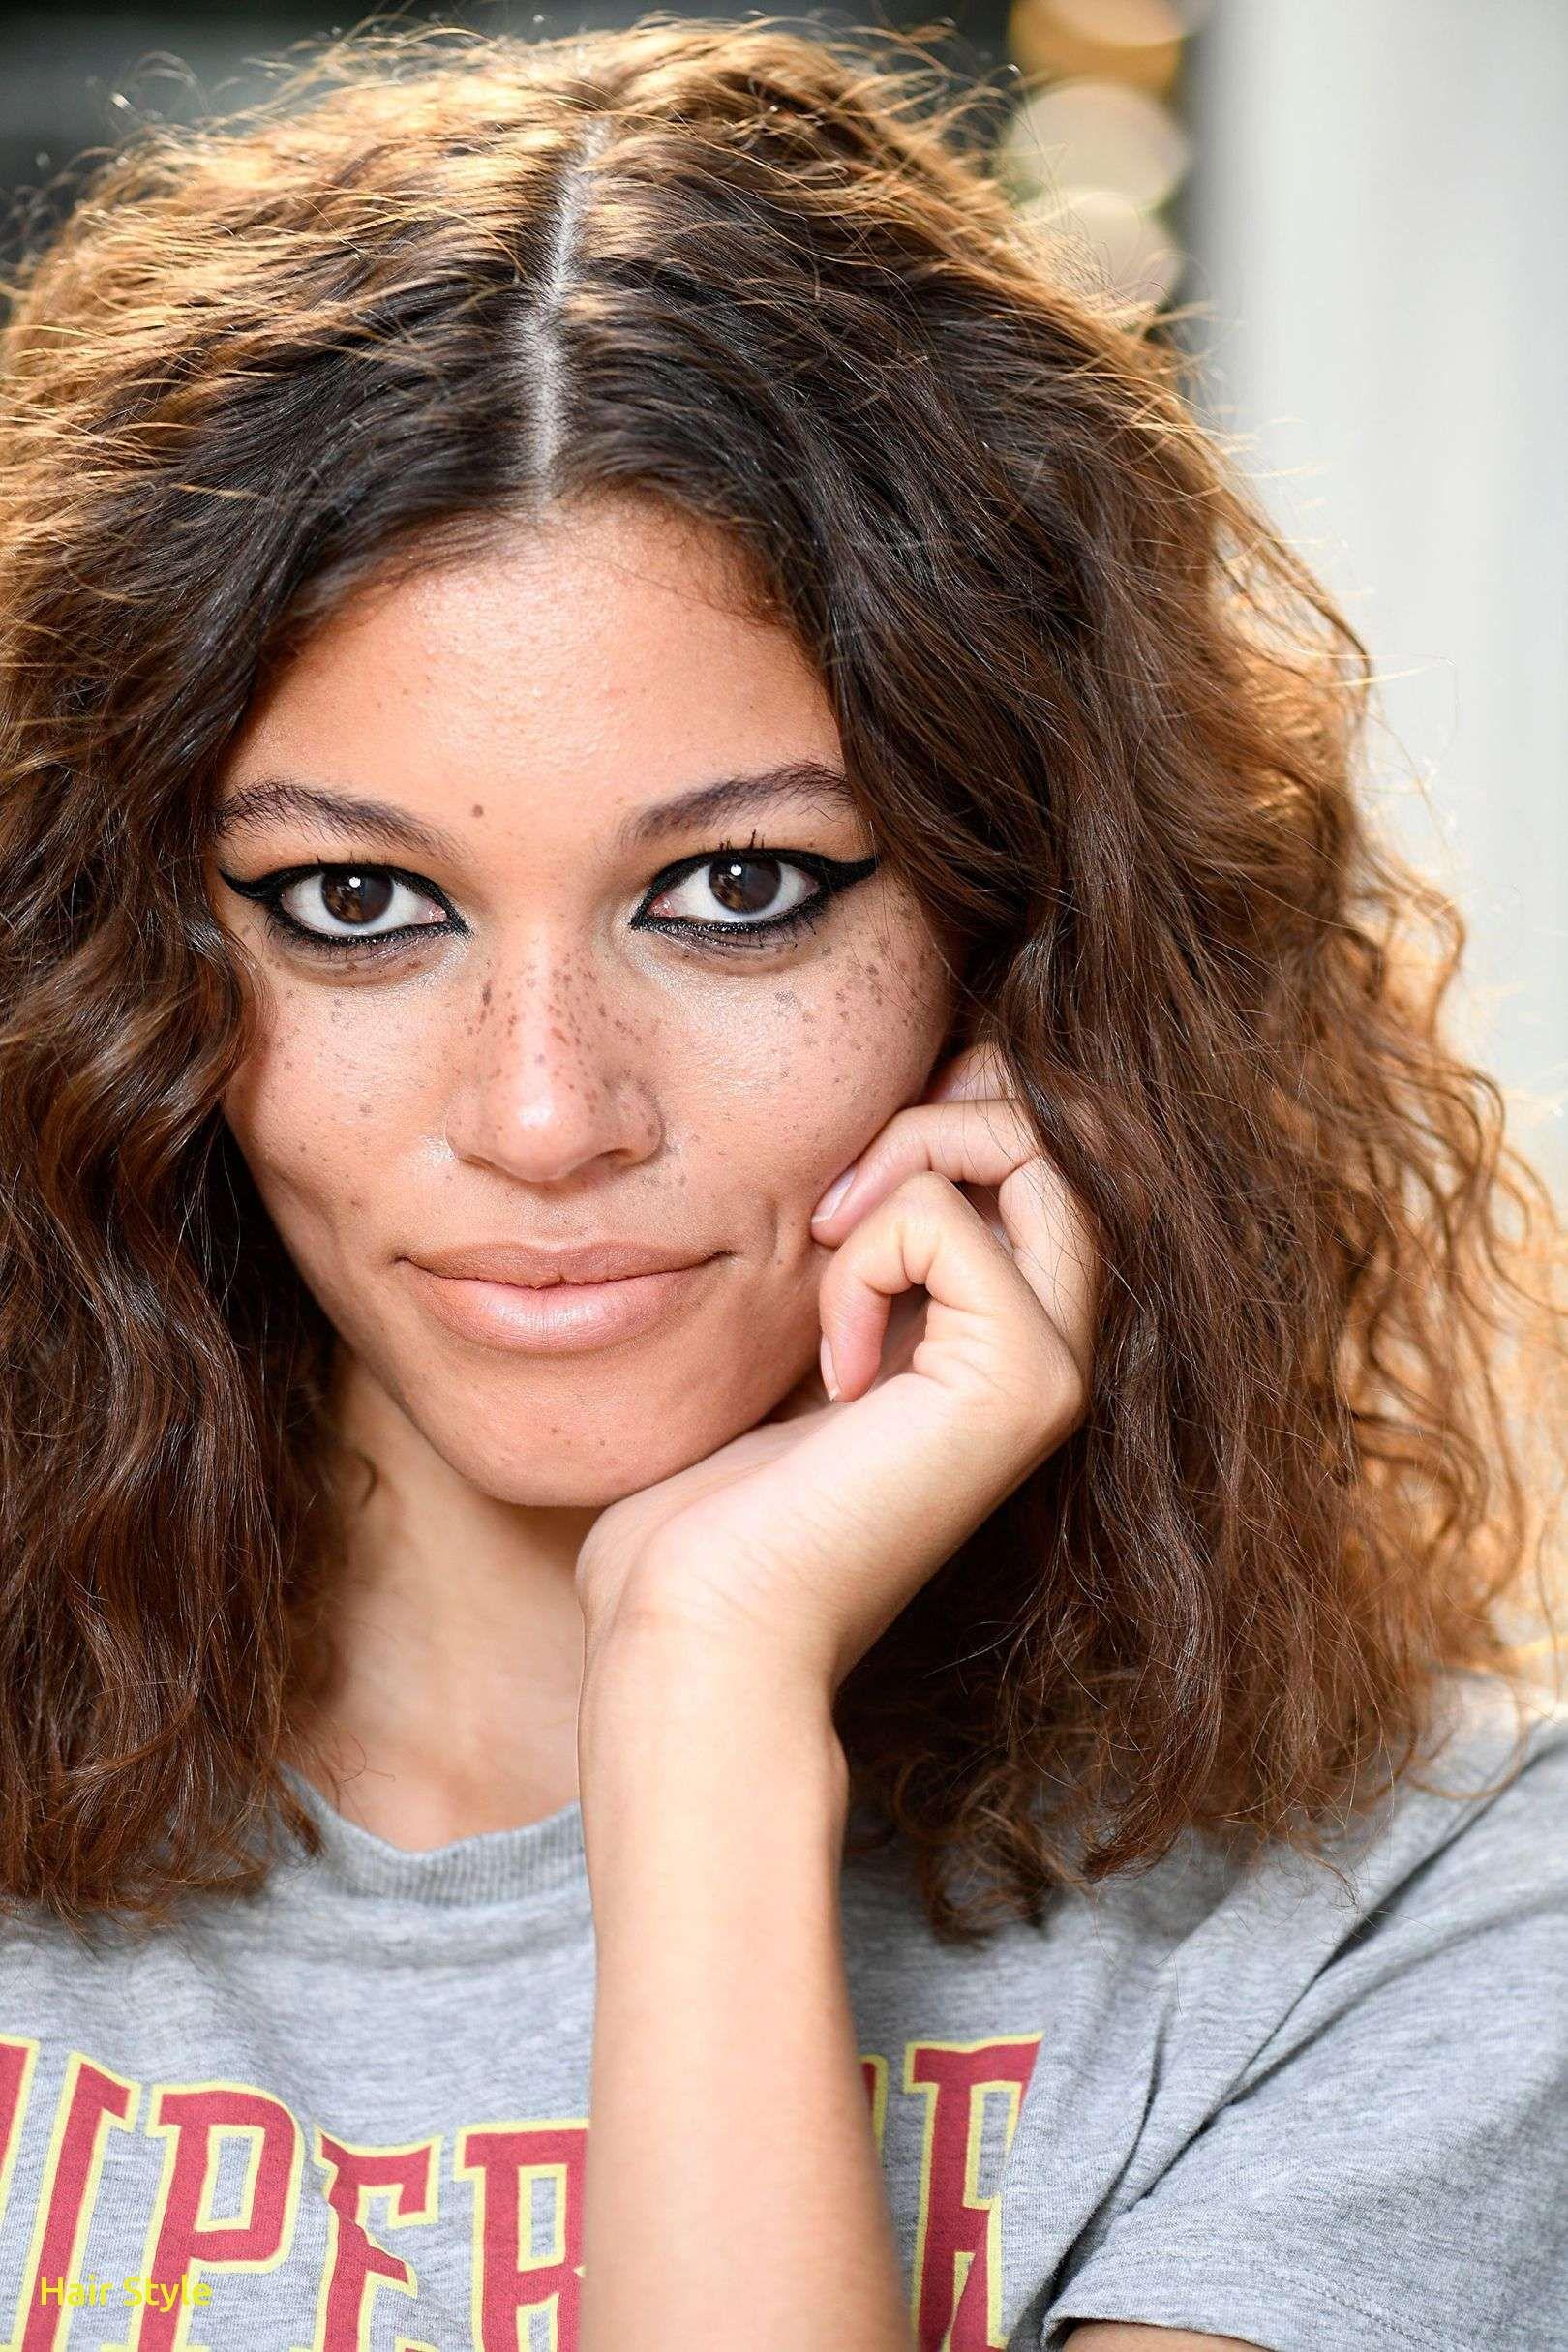 Inspirierende Haarschnitt Frauen Sommer 2019 Haare Trends 2019